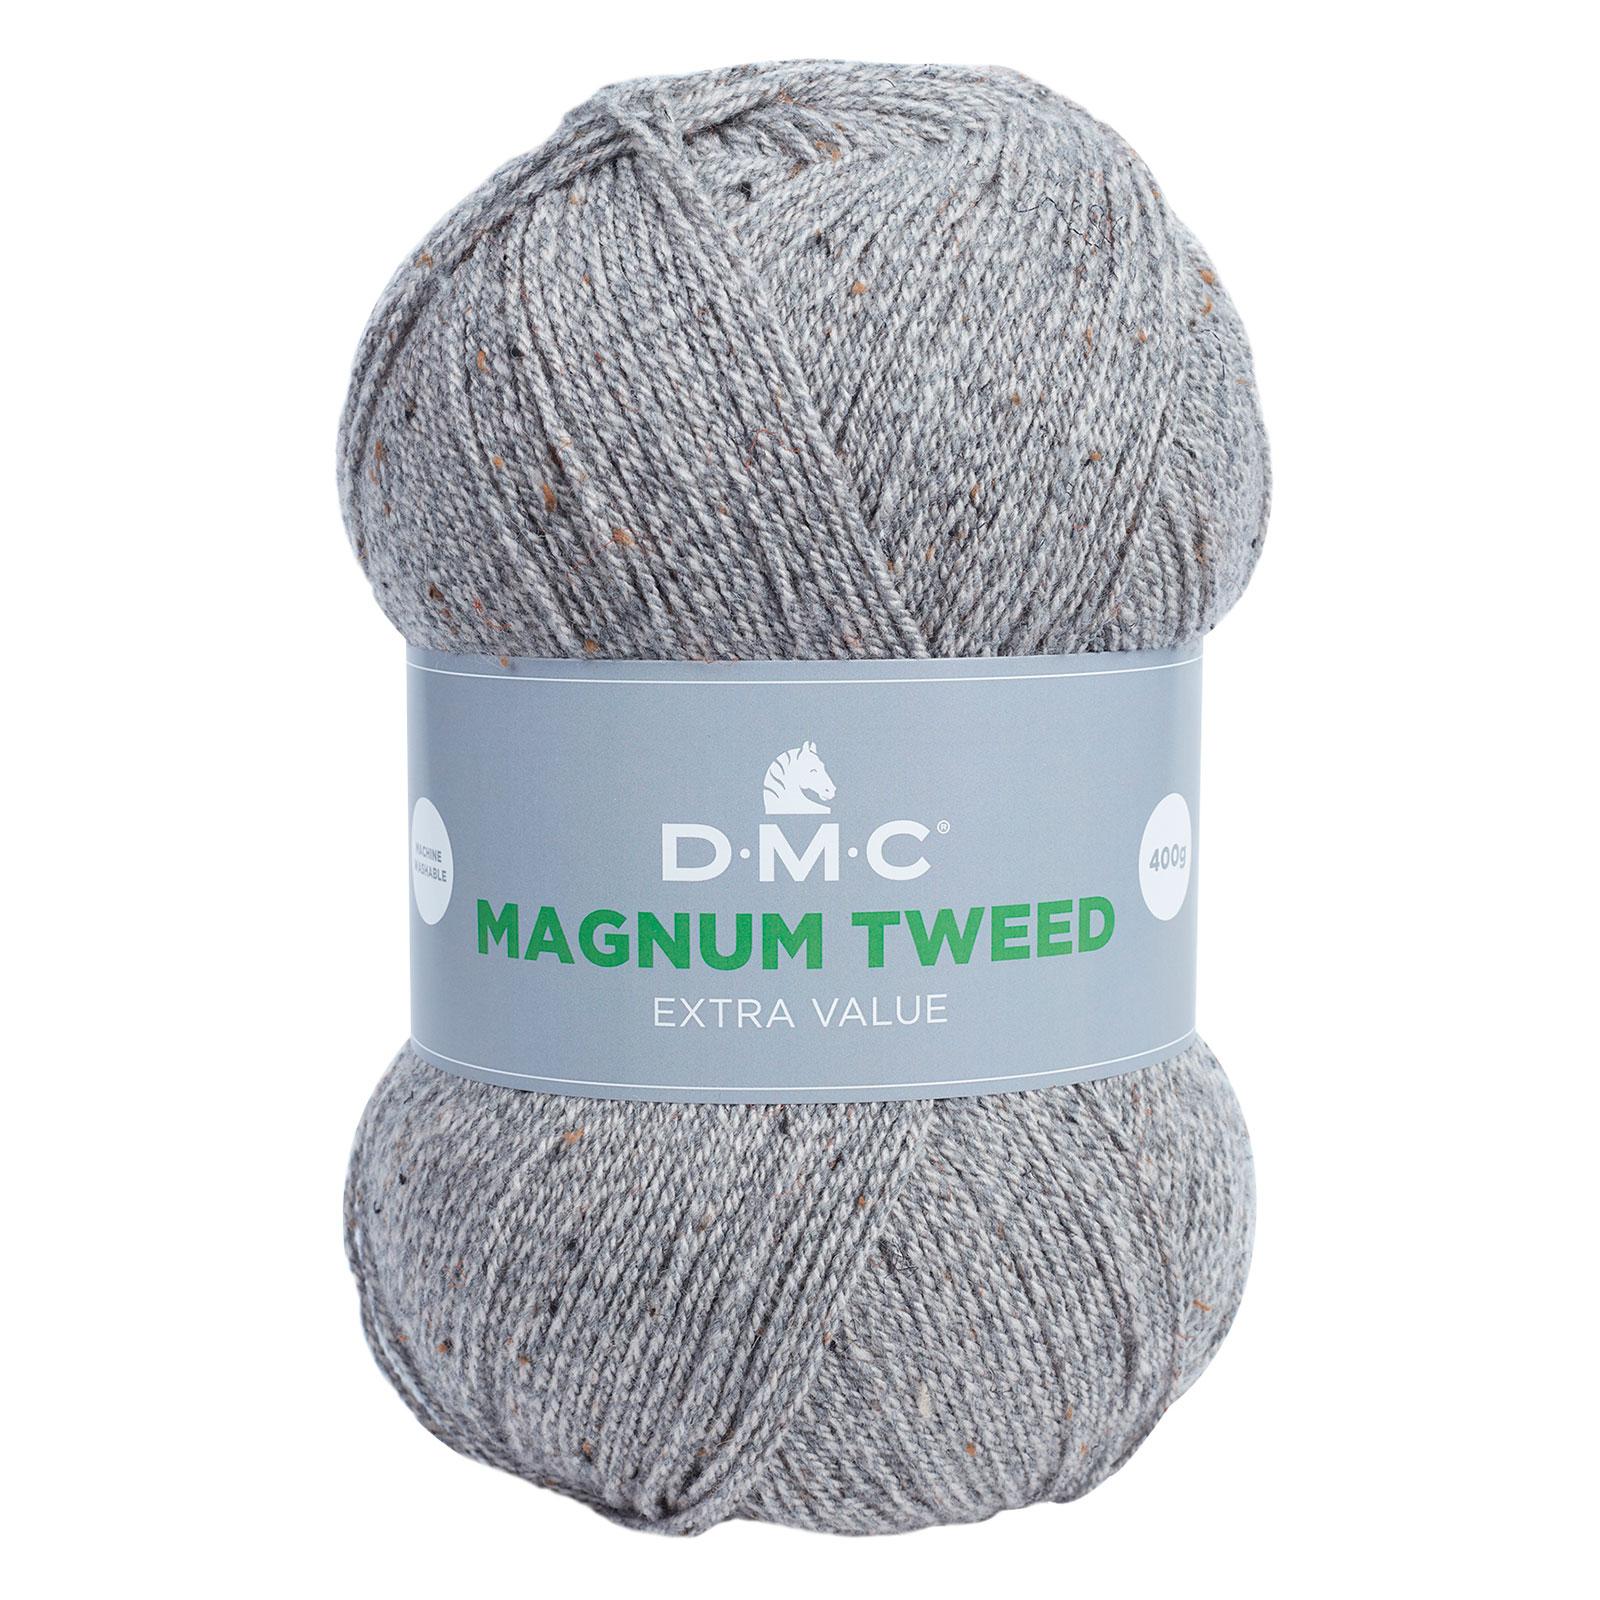 DMC Magnum Tweed 400gr – 752